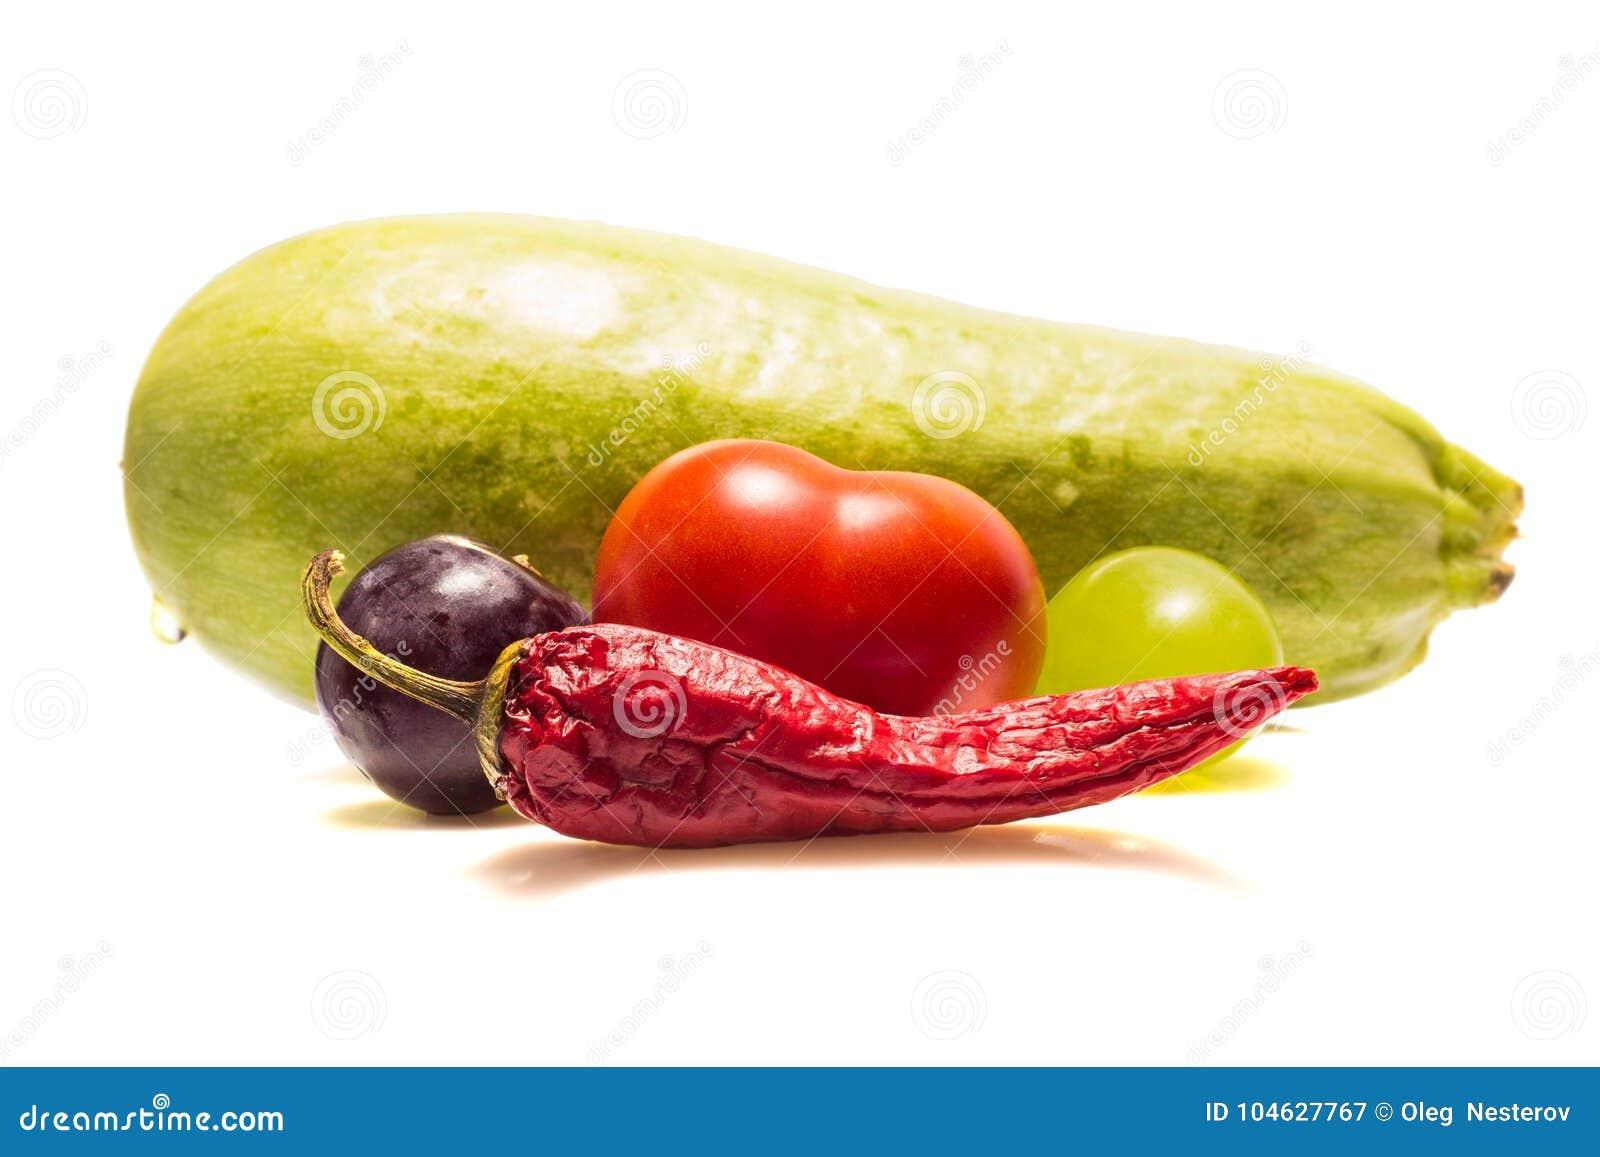 Download Zoet En Scherpe Groenten En Vruchten Stock Afbeelding - Afbeelding bestaande uit achtergrond, vegetariër: 104627767